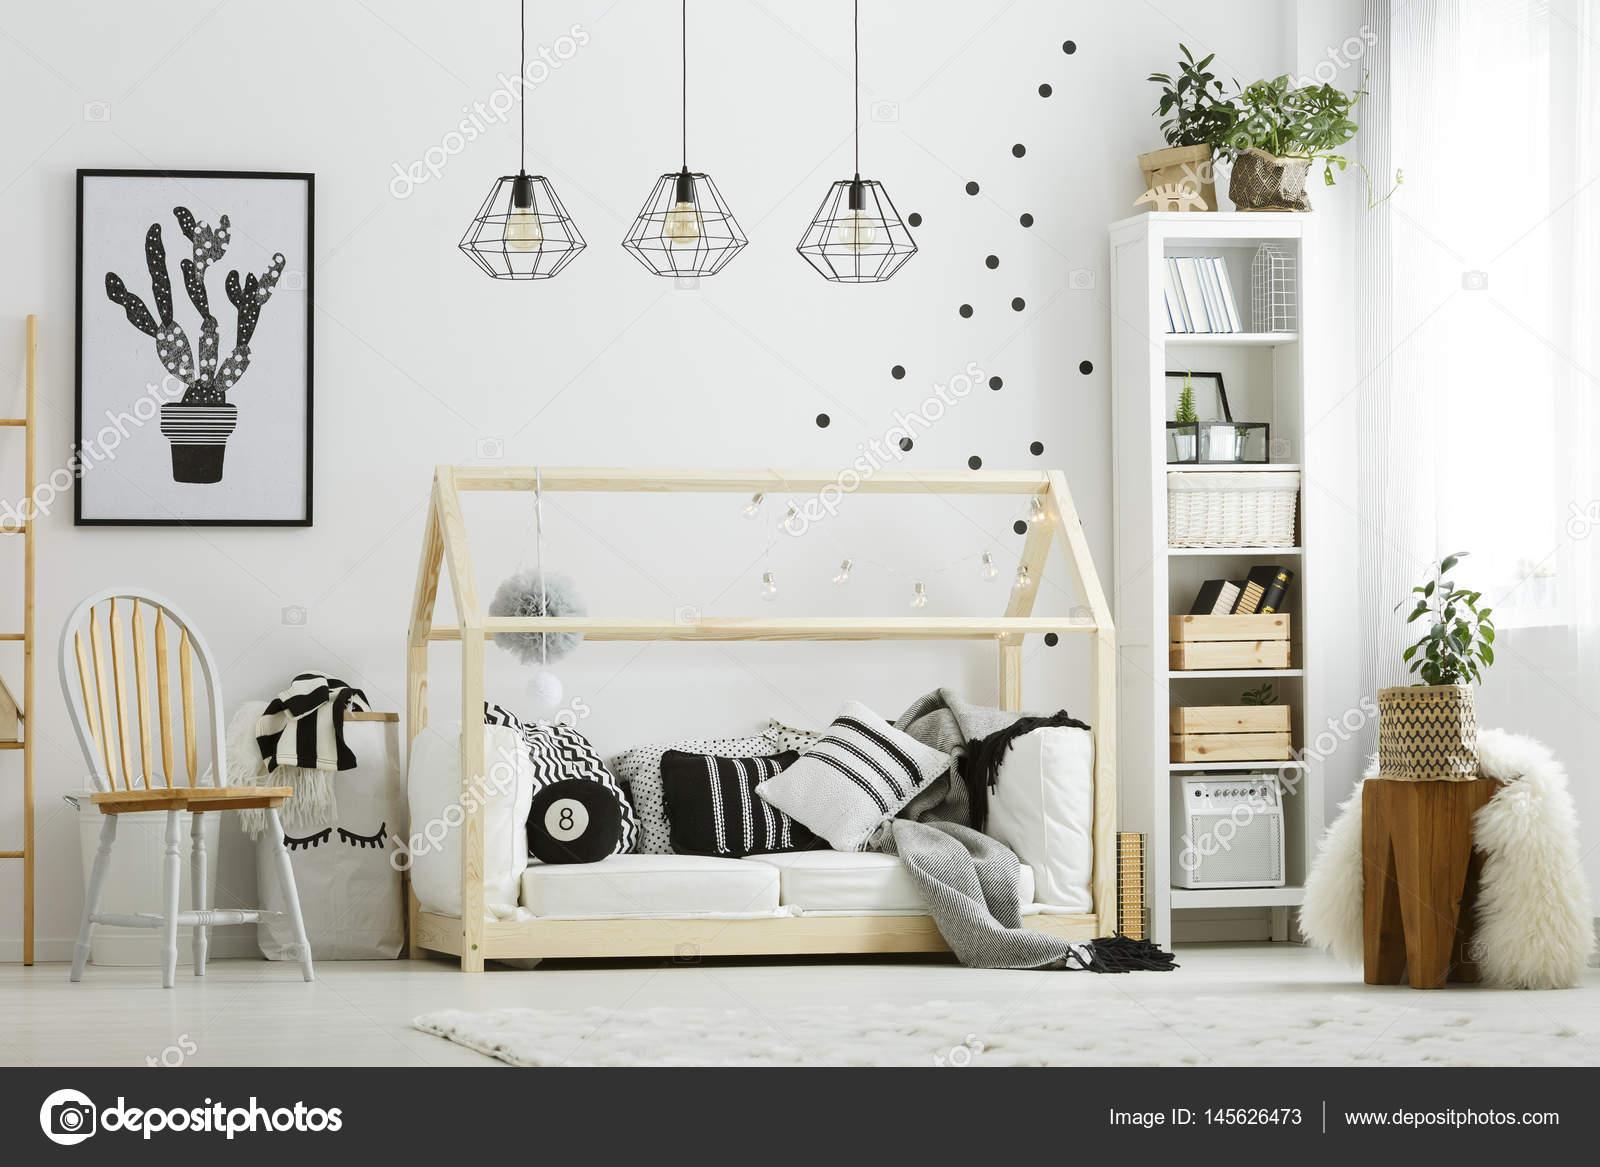 Planten Slaapkamer Baby : Baby slaapkamer in scandinavische stijl u stockfoto photographee